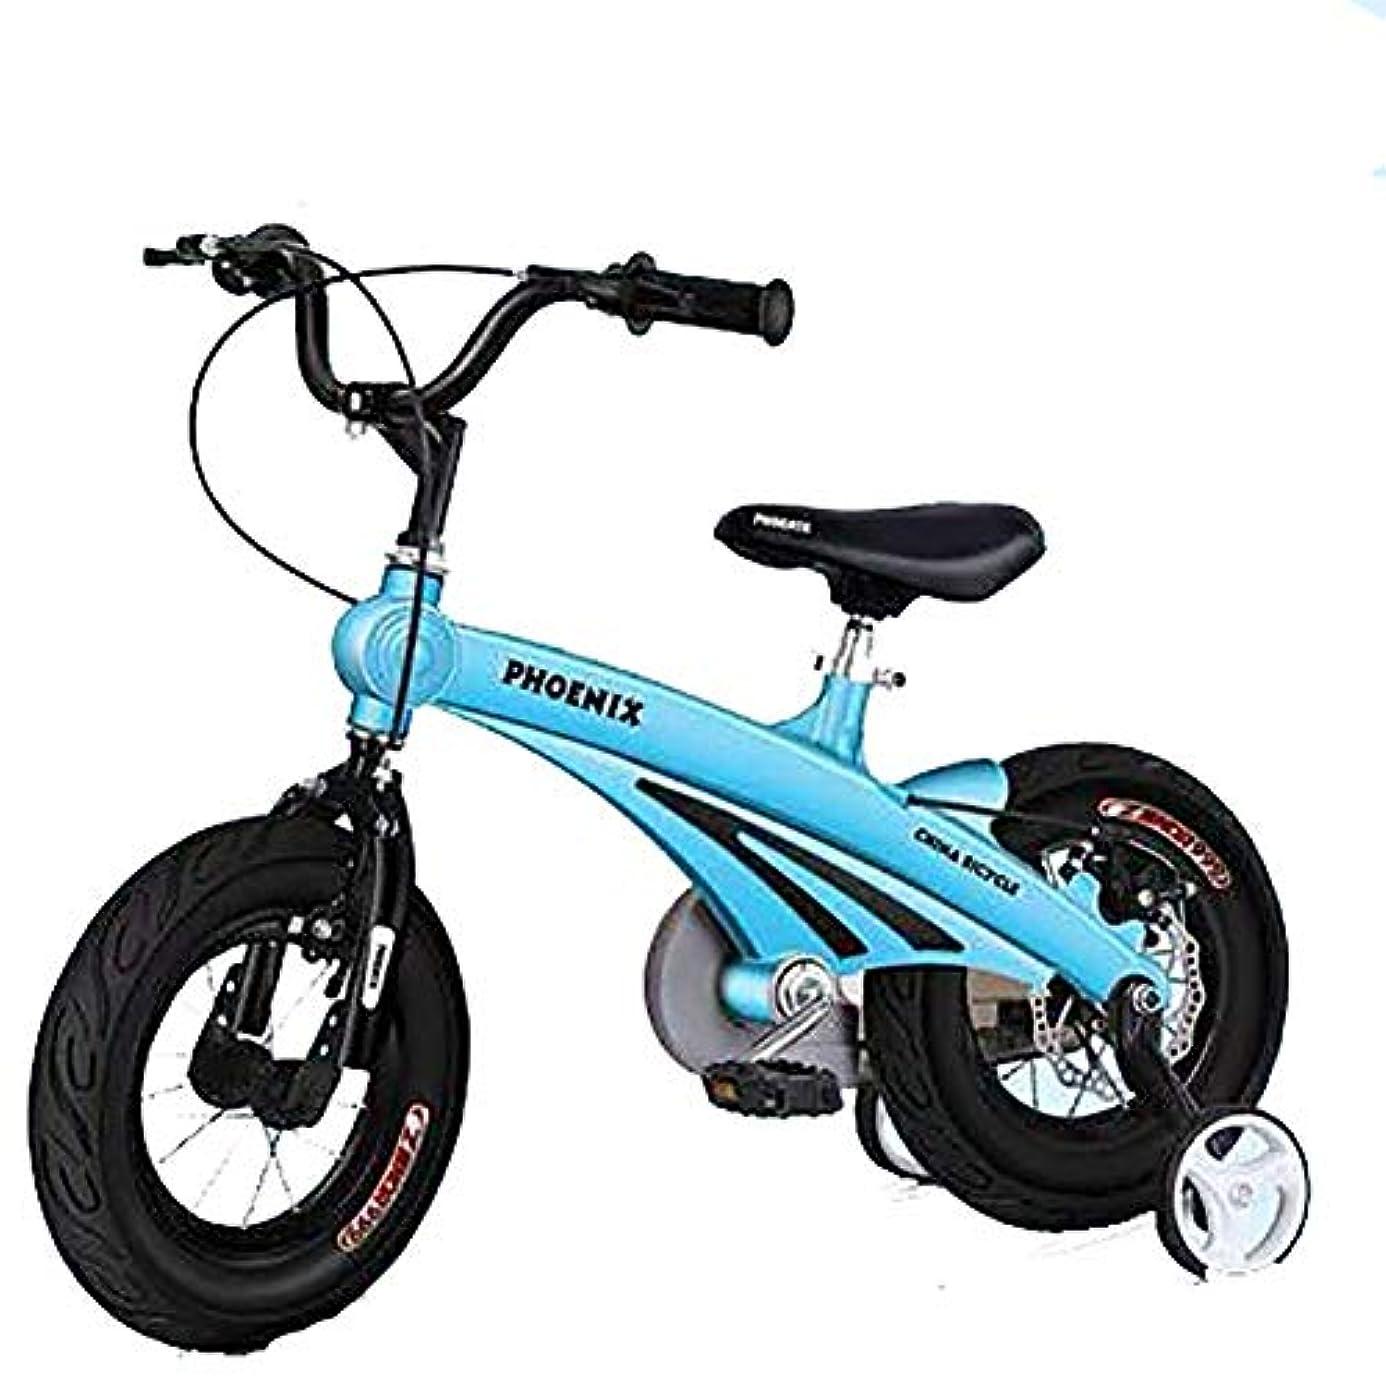 君主制うまれた傾斜スポーツバランスバイクペダルウォーキング自転車なしマグネシウム合金フレーム、調整可能なハンドルバーとシート、2?10歳用のキッズバランスバイク、12インチ14インチ16インチインチ子供用サイクル